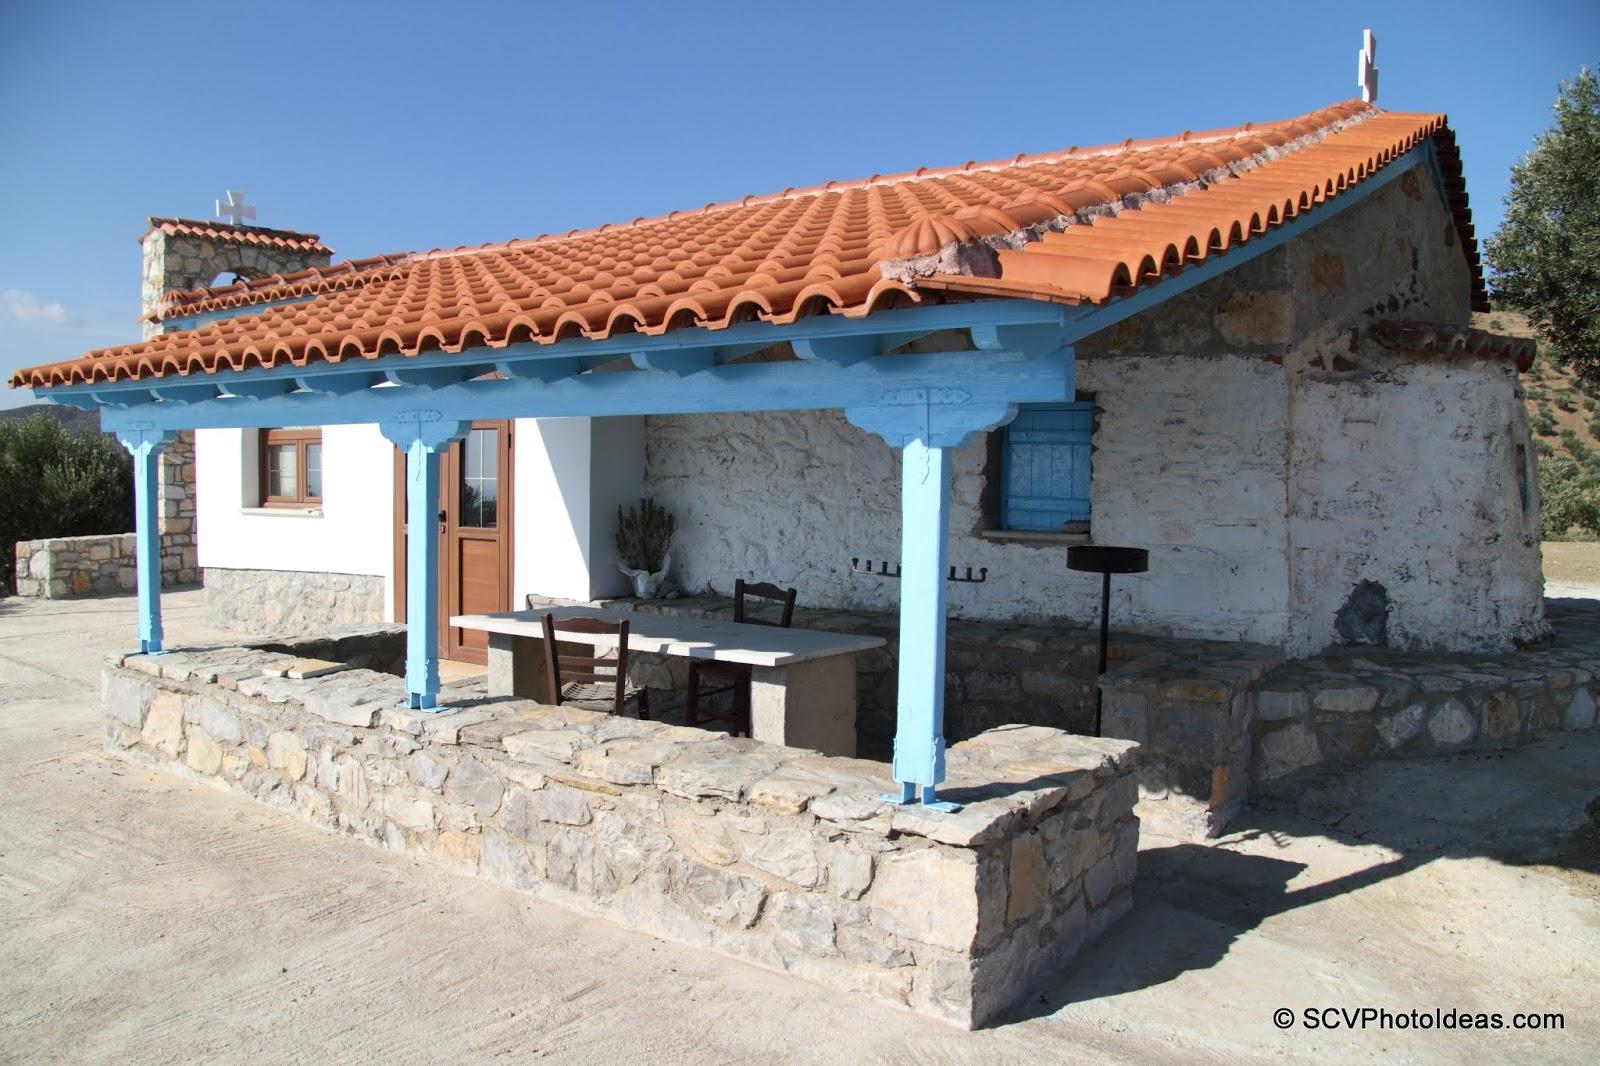 Ag. Nikolaos front yard shade showing 17th century walls